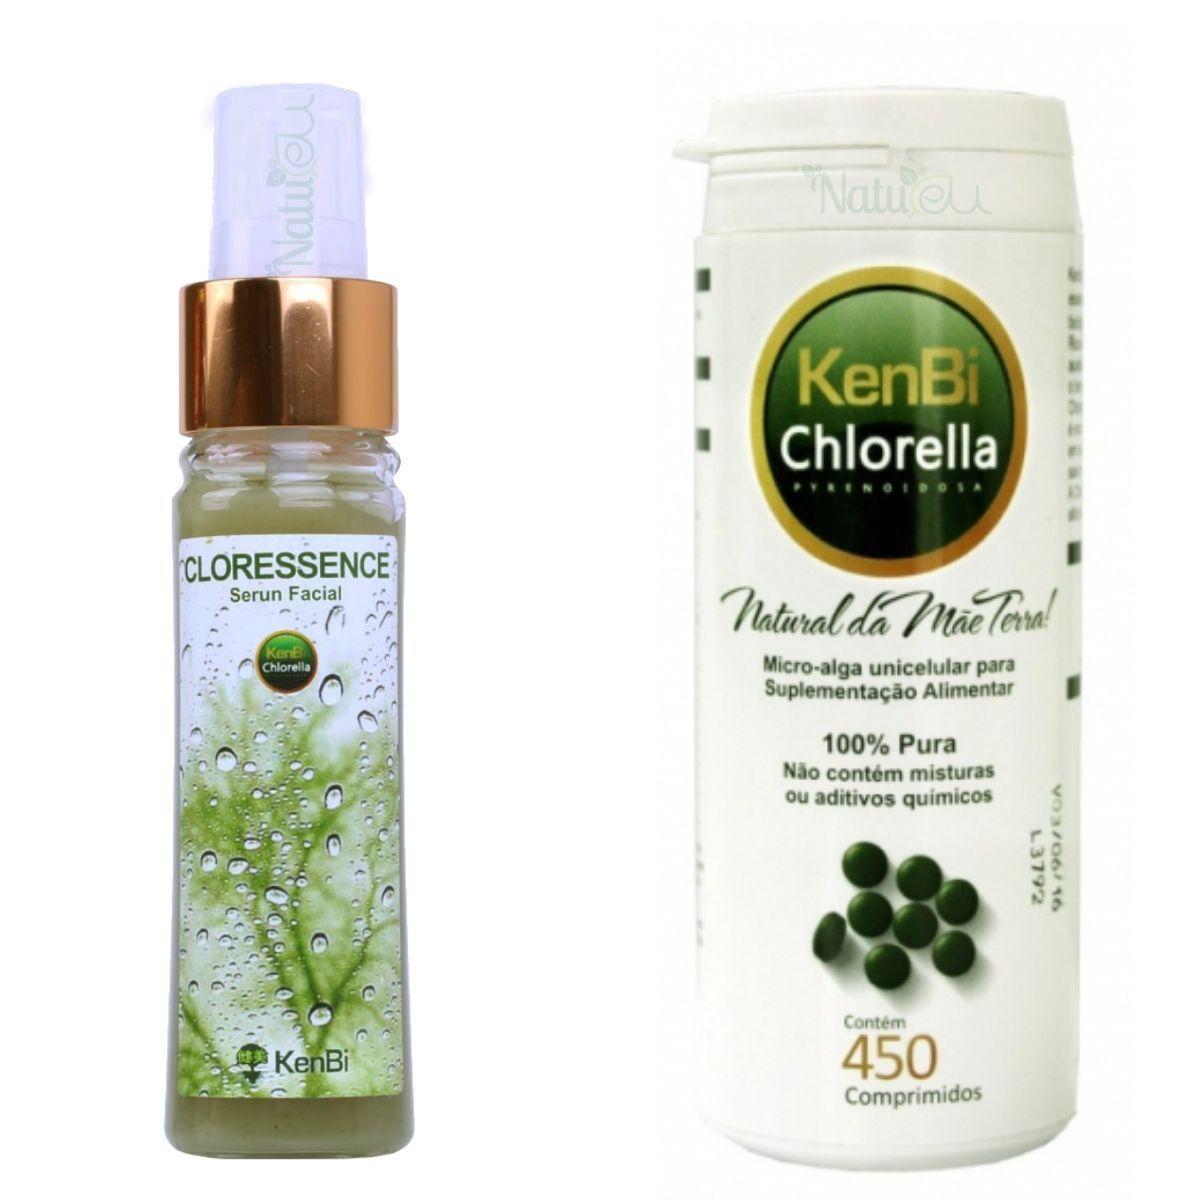 Chlorella Serum Facial - 45 ml Kenbi + Chlorella Kenbi 450 Comp